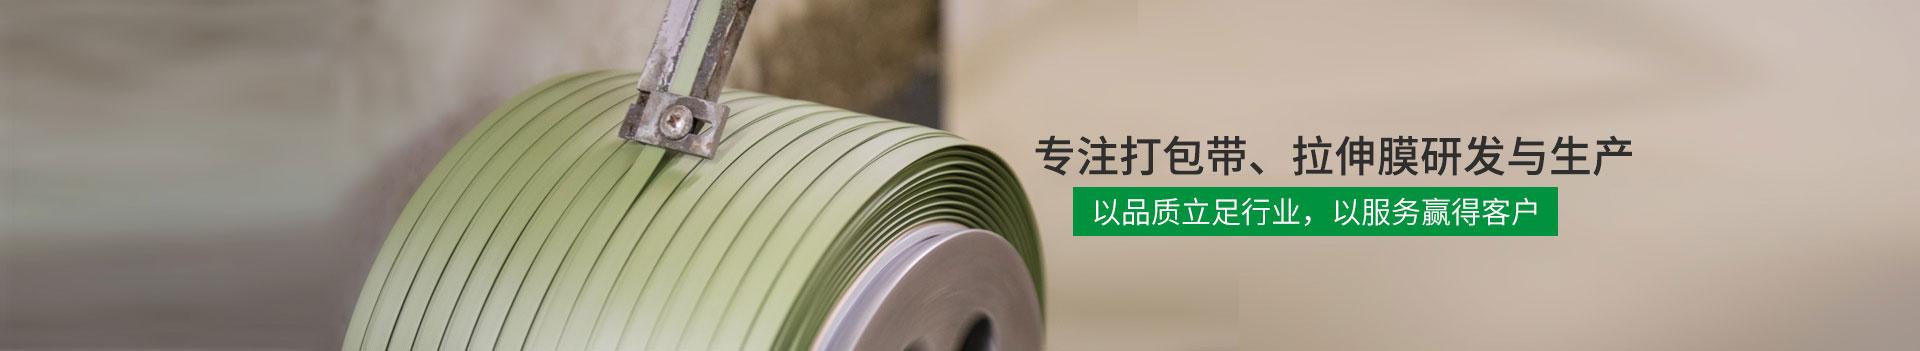 杏盛注册-包装材料厂家